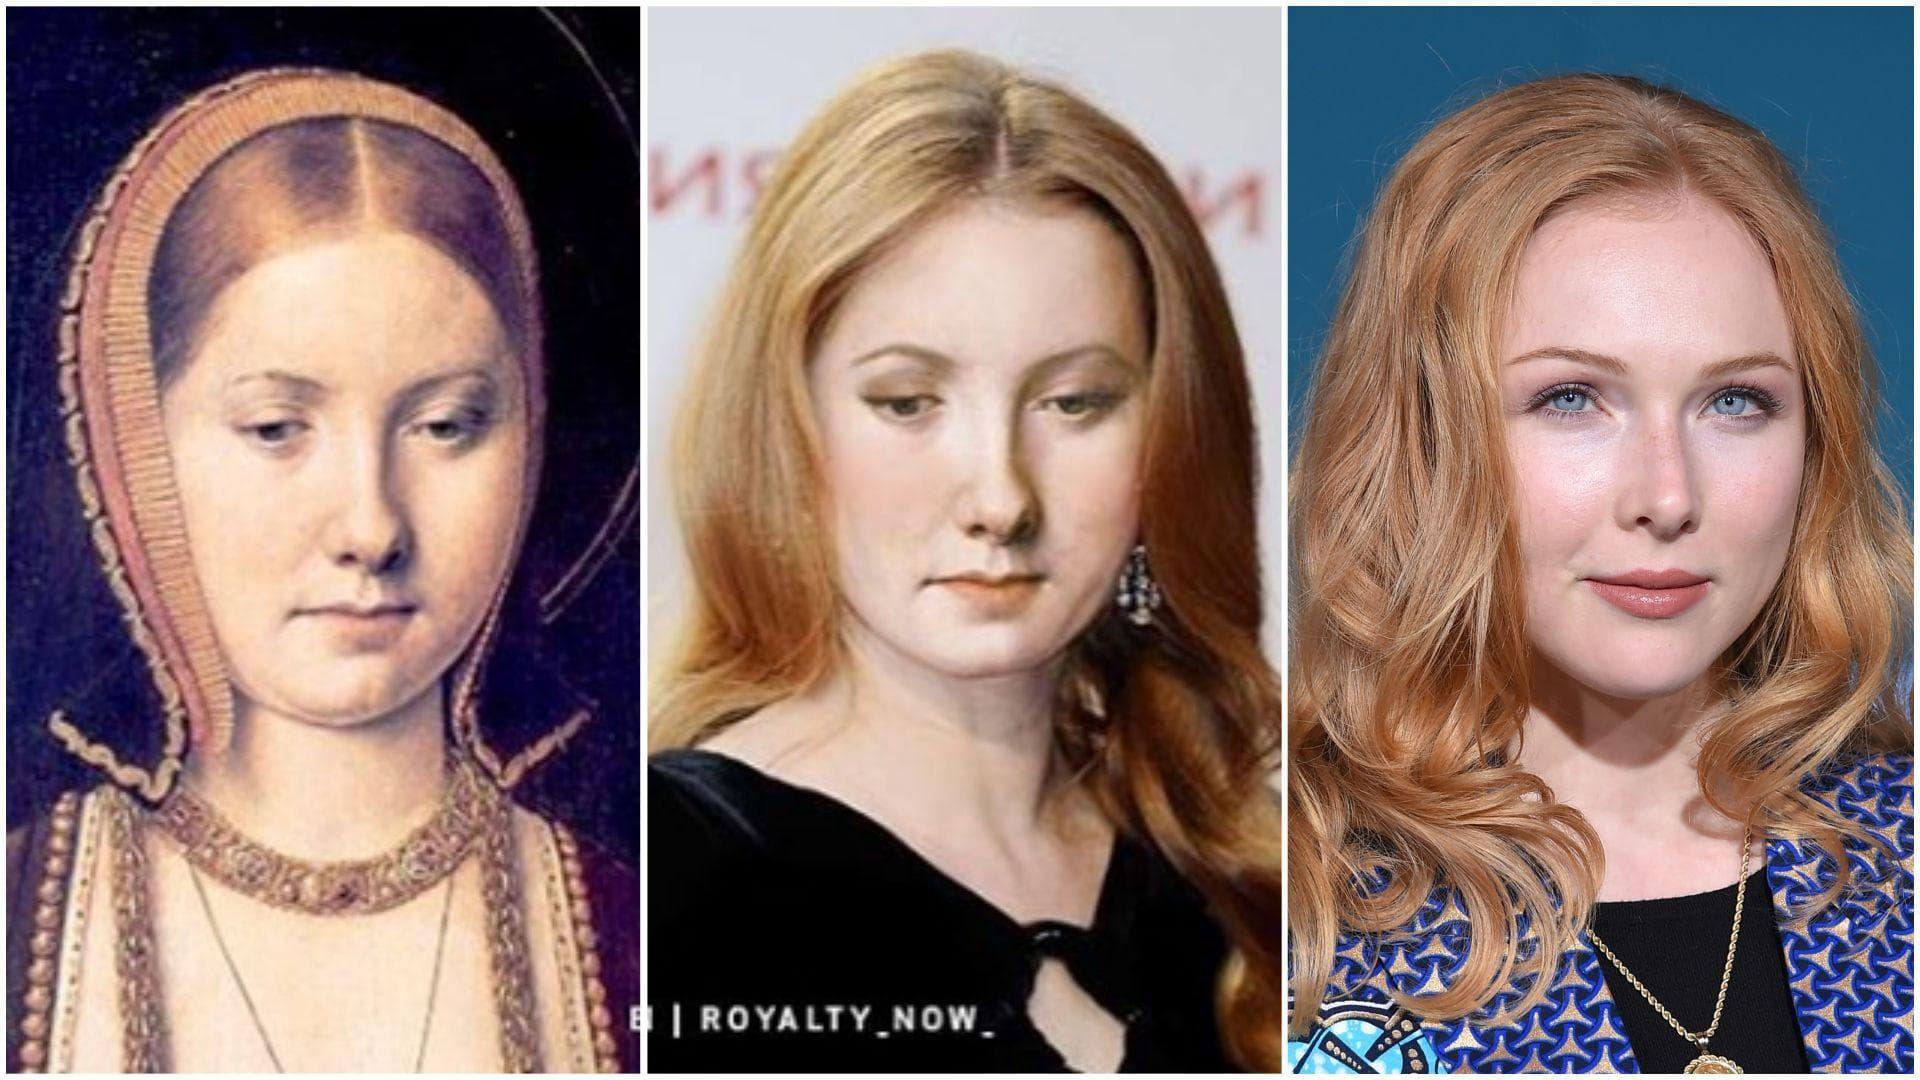 Random Historical Figures Who Look Exactly Like Modern Celebrities